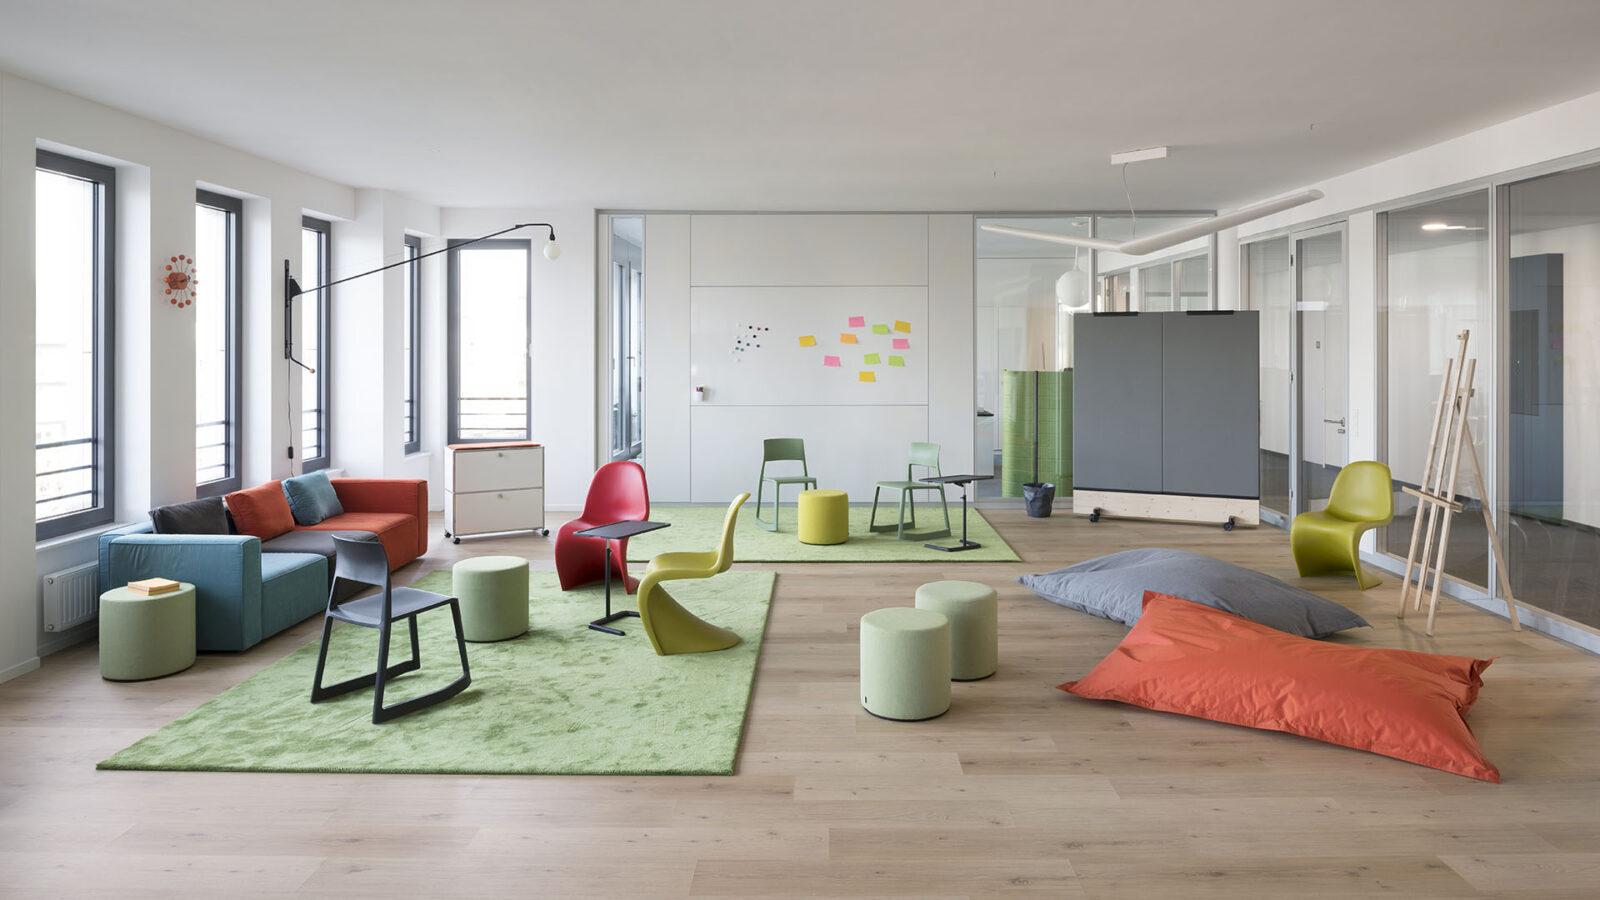 Das Designlabor ist ein flexibel nutzbarer Raum um mit Teams Ideen agil zu entwickeln